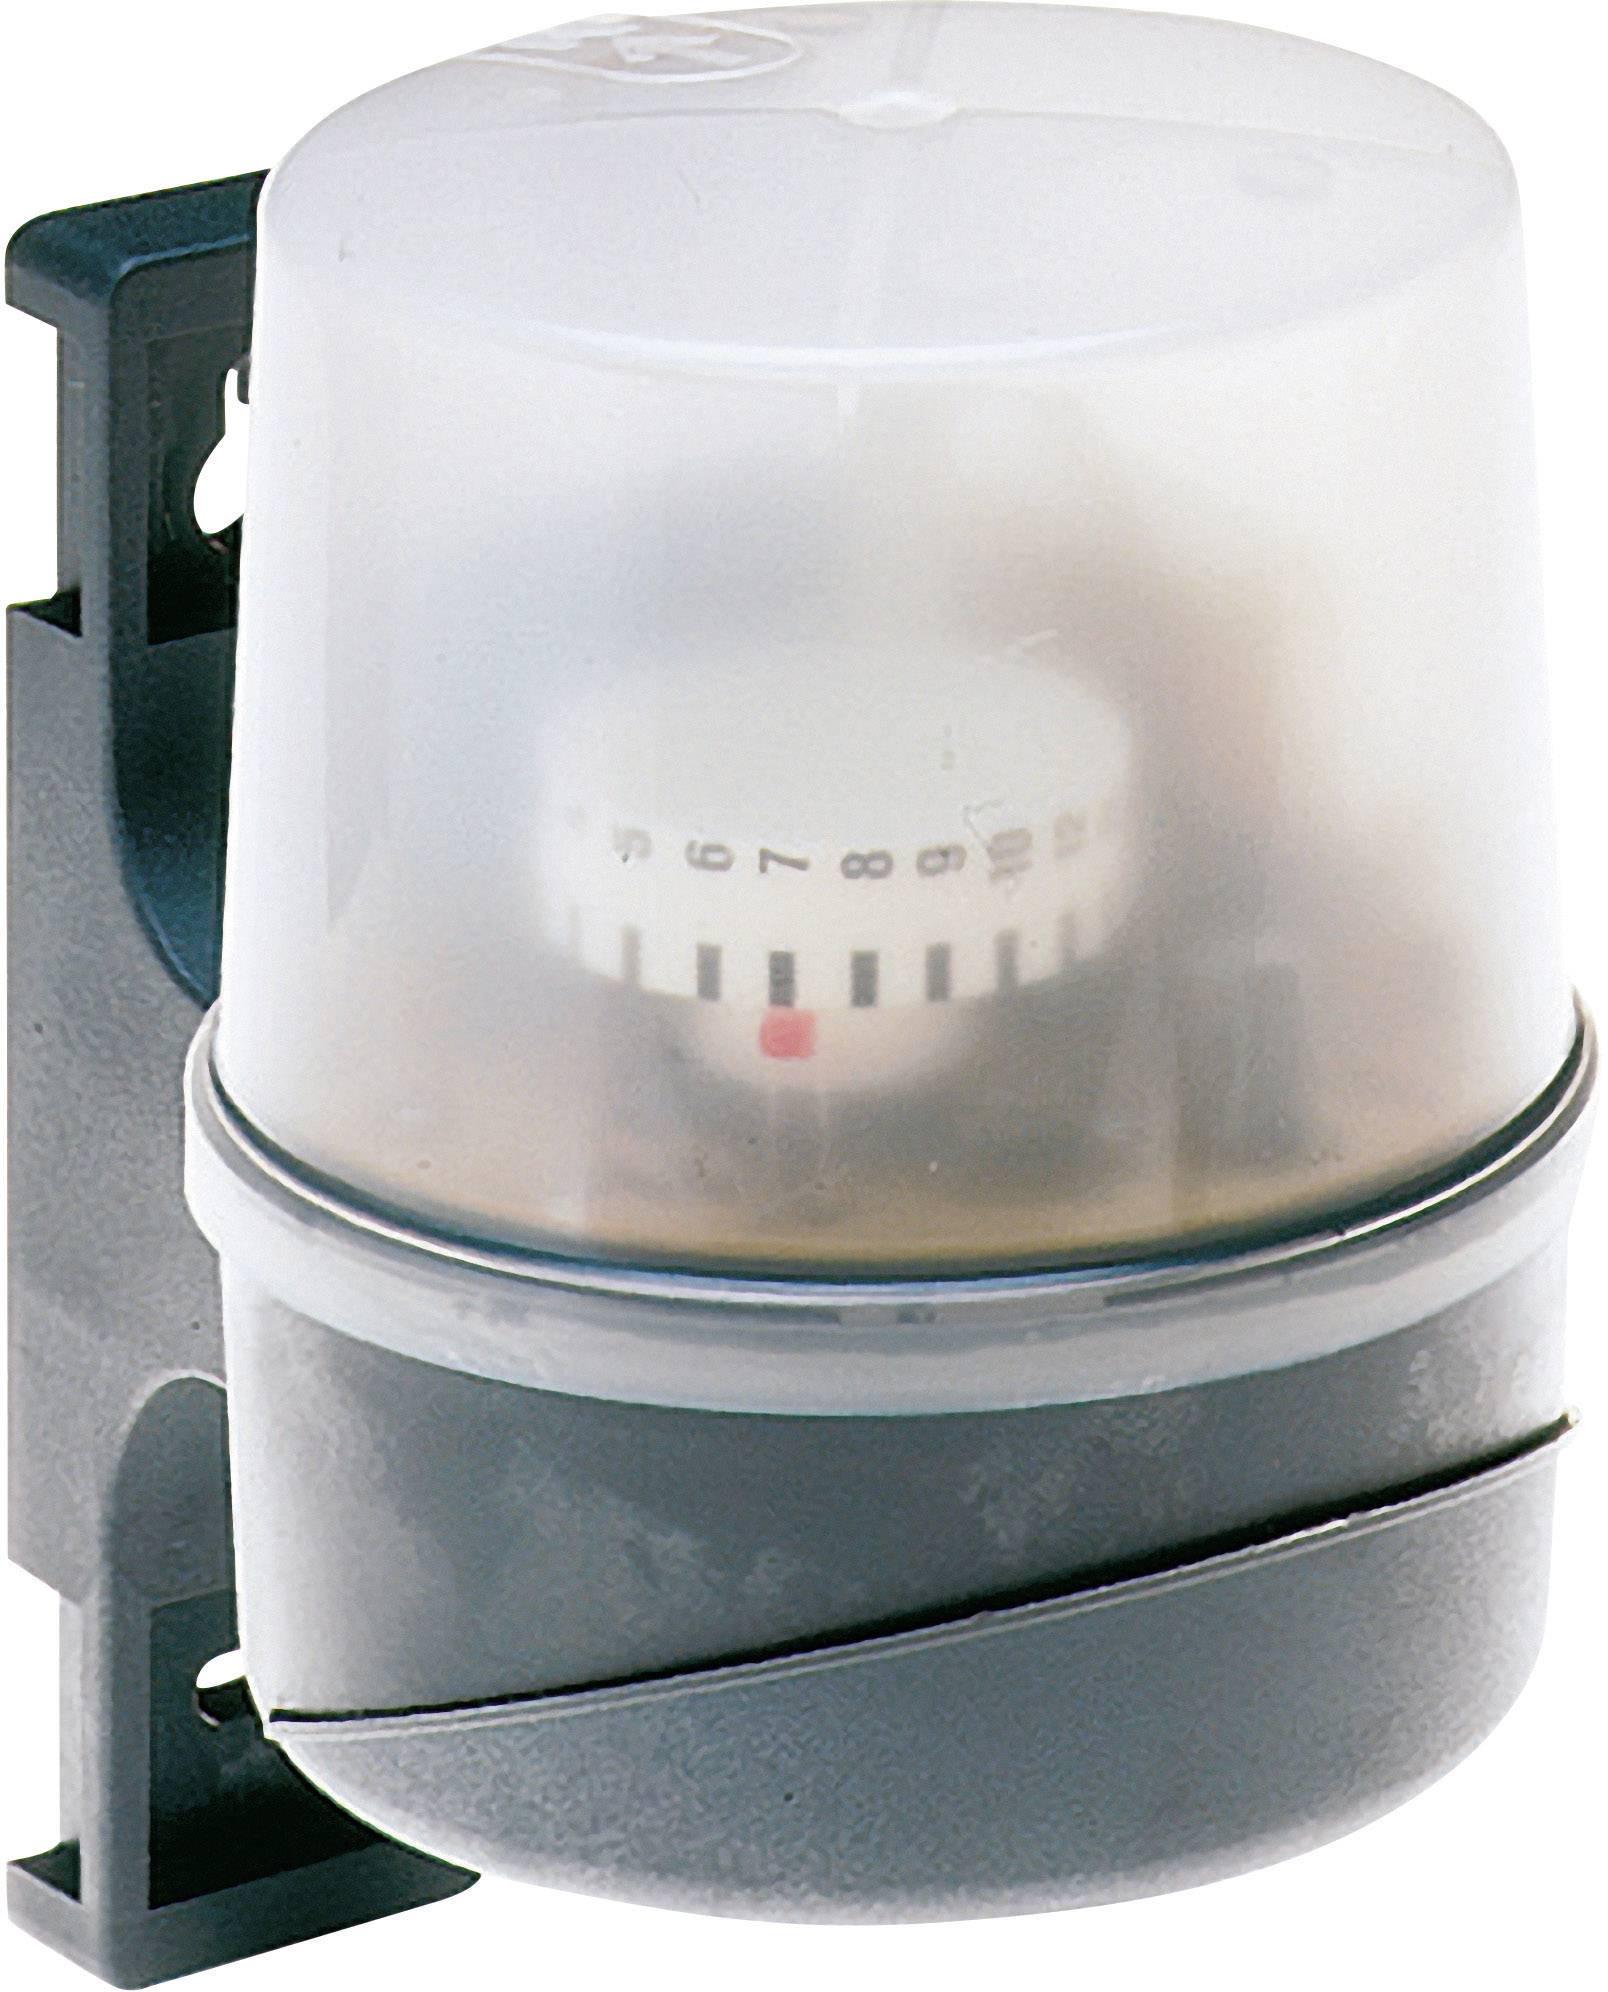 Soumrakový spínač pro průmysl DÄ 565 15 Eberle 0565 15 140 003 220 - 240 V/50 Hz